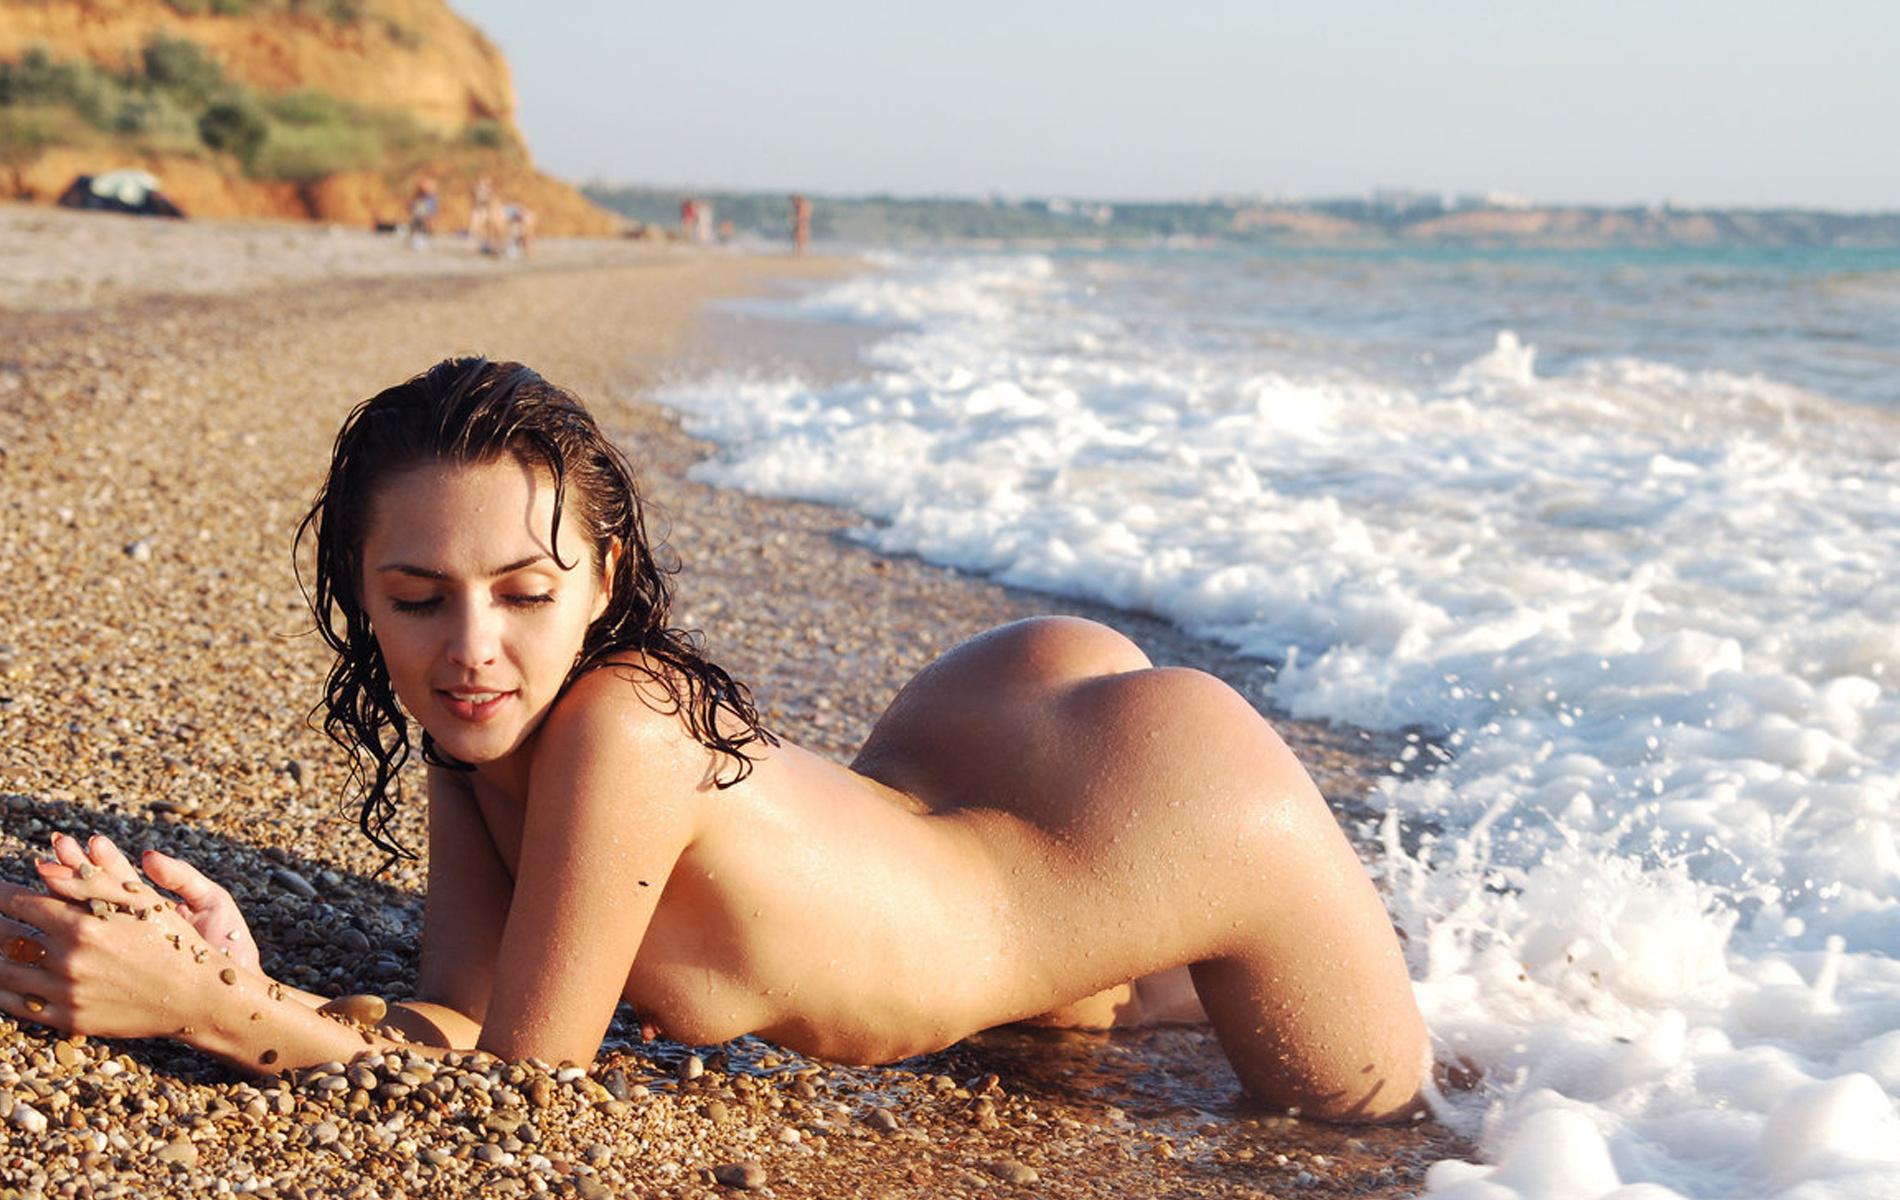 Wallpaper Nude, Beach, Sexy, Sand, Blond Desktop Wallpaper -2031